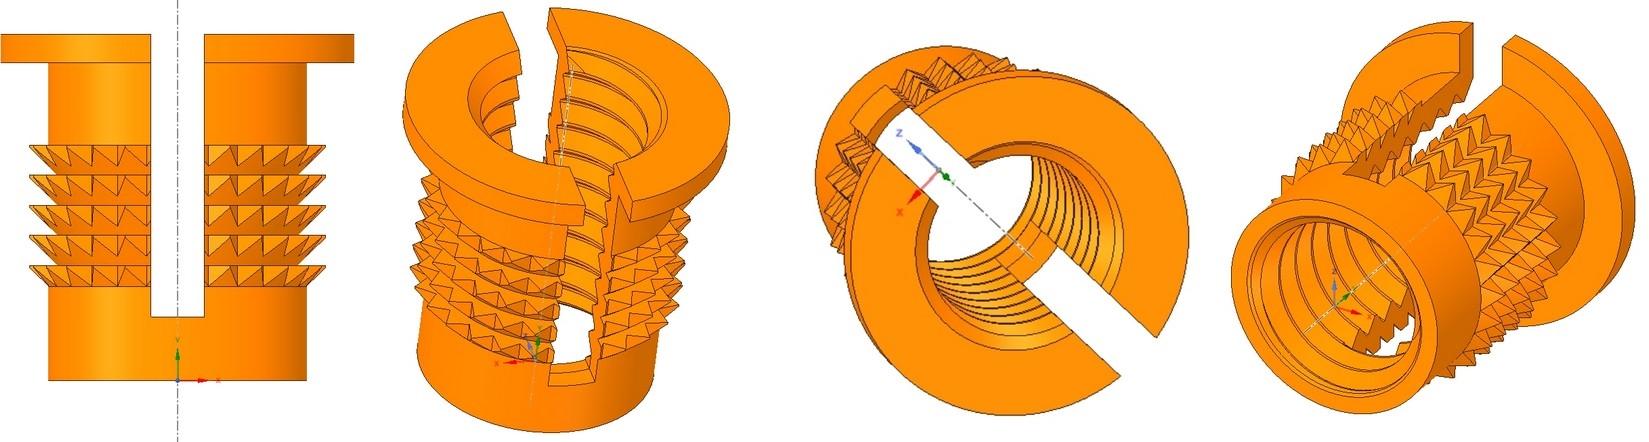 SIMAF CZ s.r.o. - návrhy a vývoj spojovacího materiálu